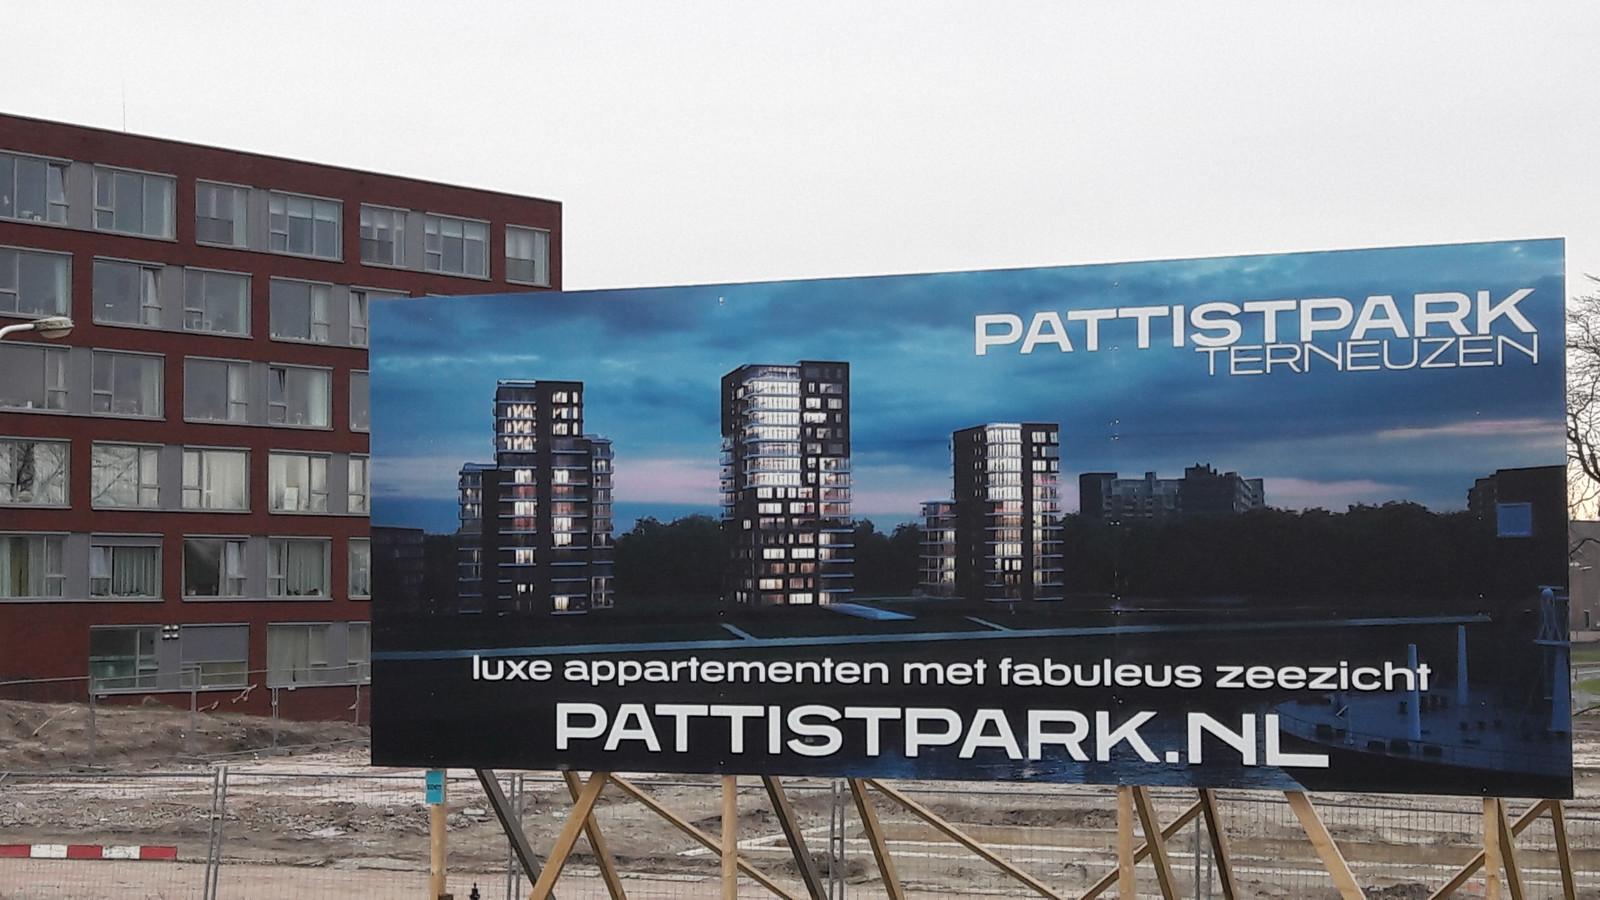 Bouwbord voor woontorens in Pattistpark aan de Westerschelde in Terneuzen, op de achtergrond het eind 2013 opgeleverde wooncomplex Máxima.